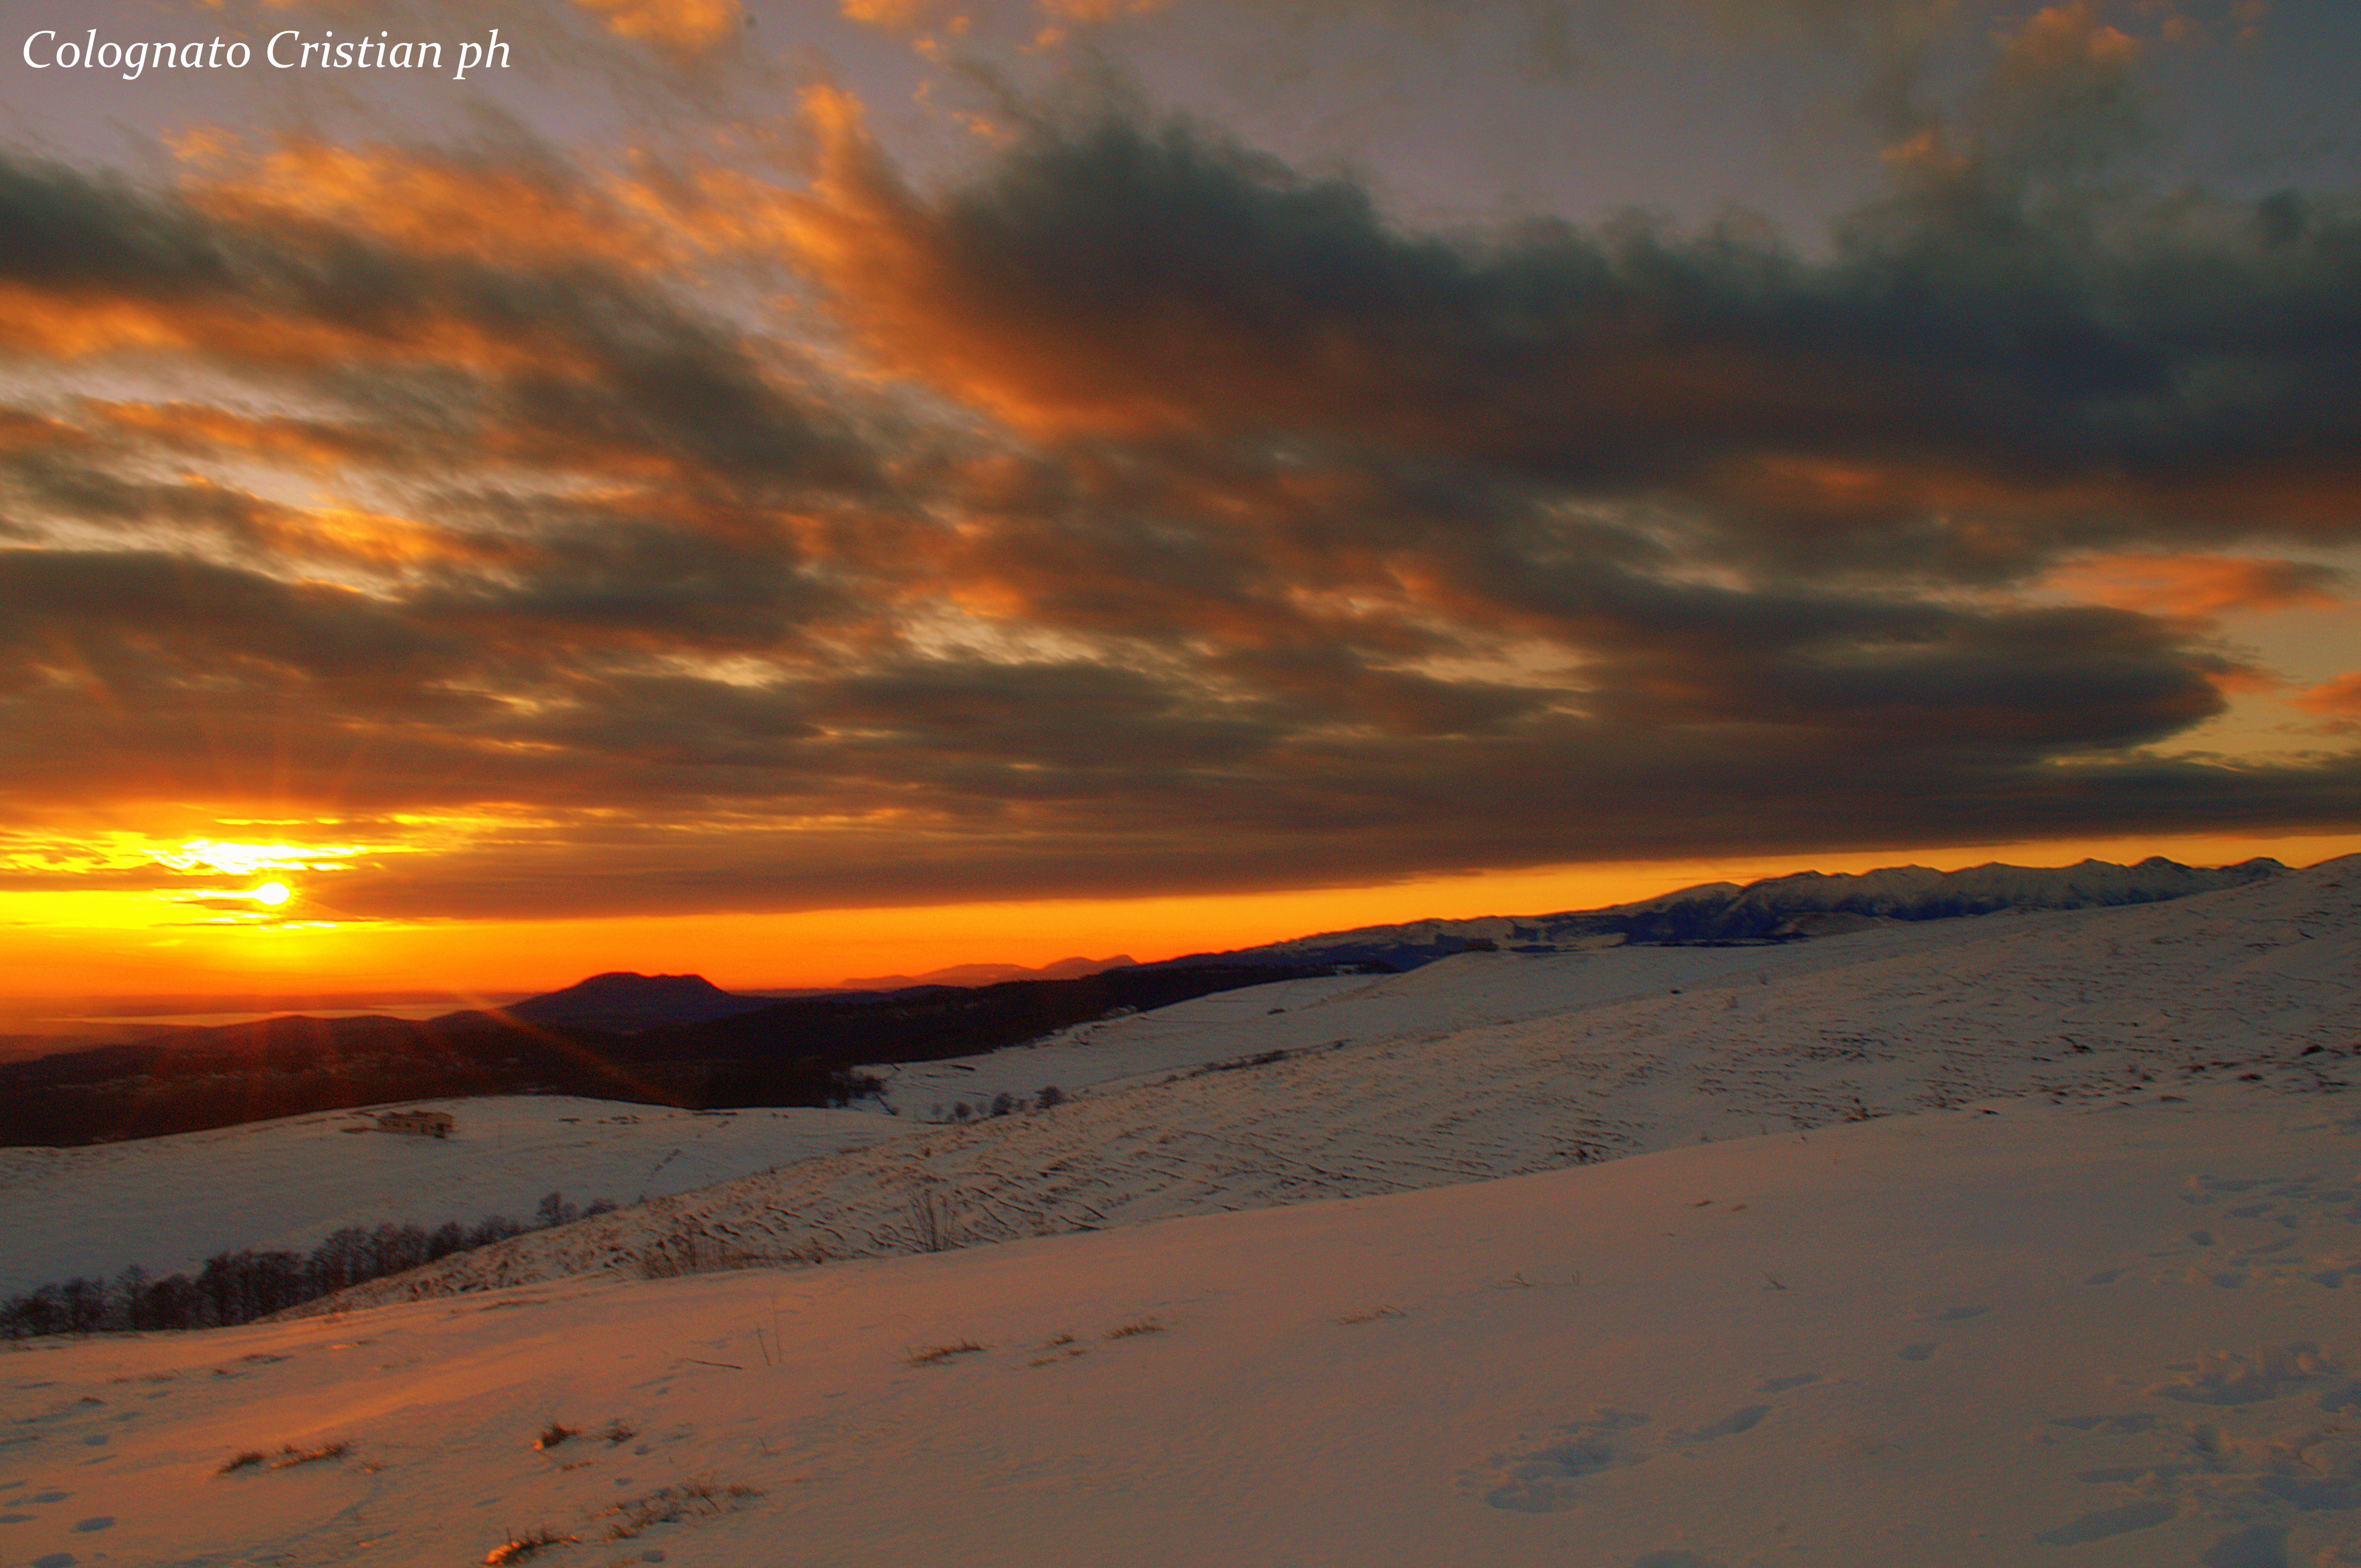 Gennaio 2015 - Nella foto di Cristian Colognato, il tramonto del 25 gennaio da San Giorgio verso Sud-Ovest. Il sole illumina il basso Lago di Garda e l'altipiano della Lessinia, facendosi spazio tra strati nuvolosi. il Monte Baldo, a destra nell'immagine, resta a guardare.